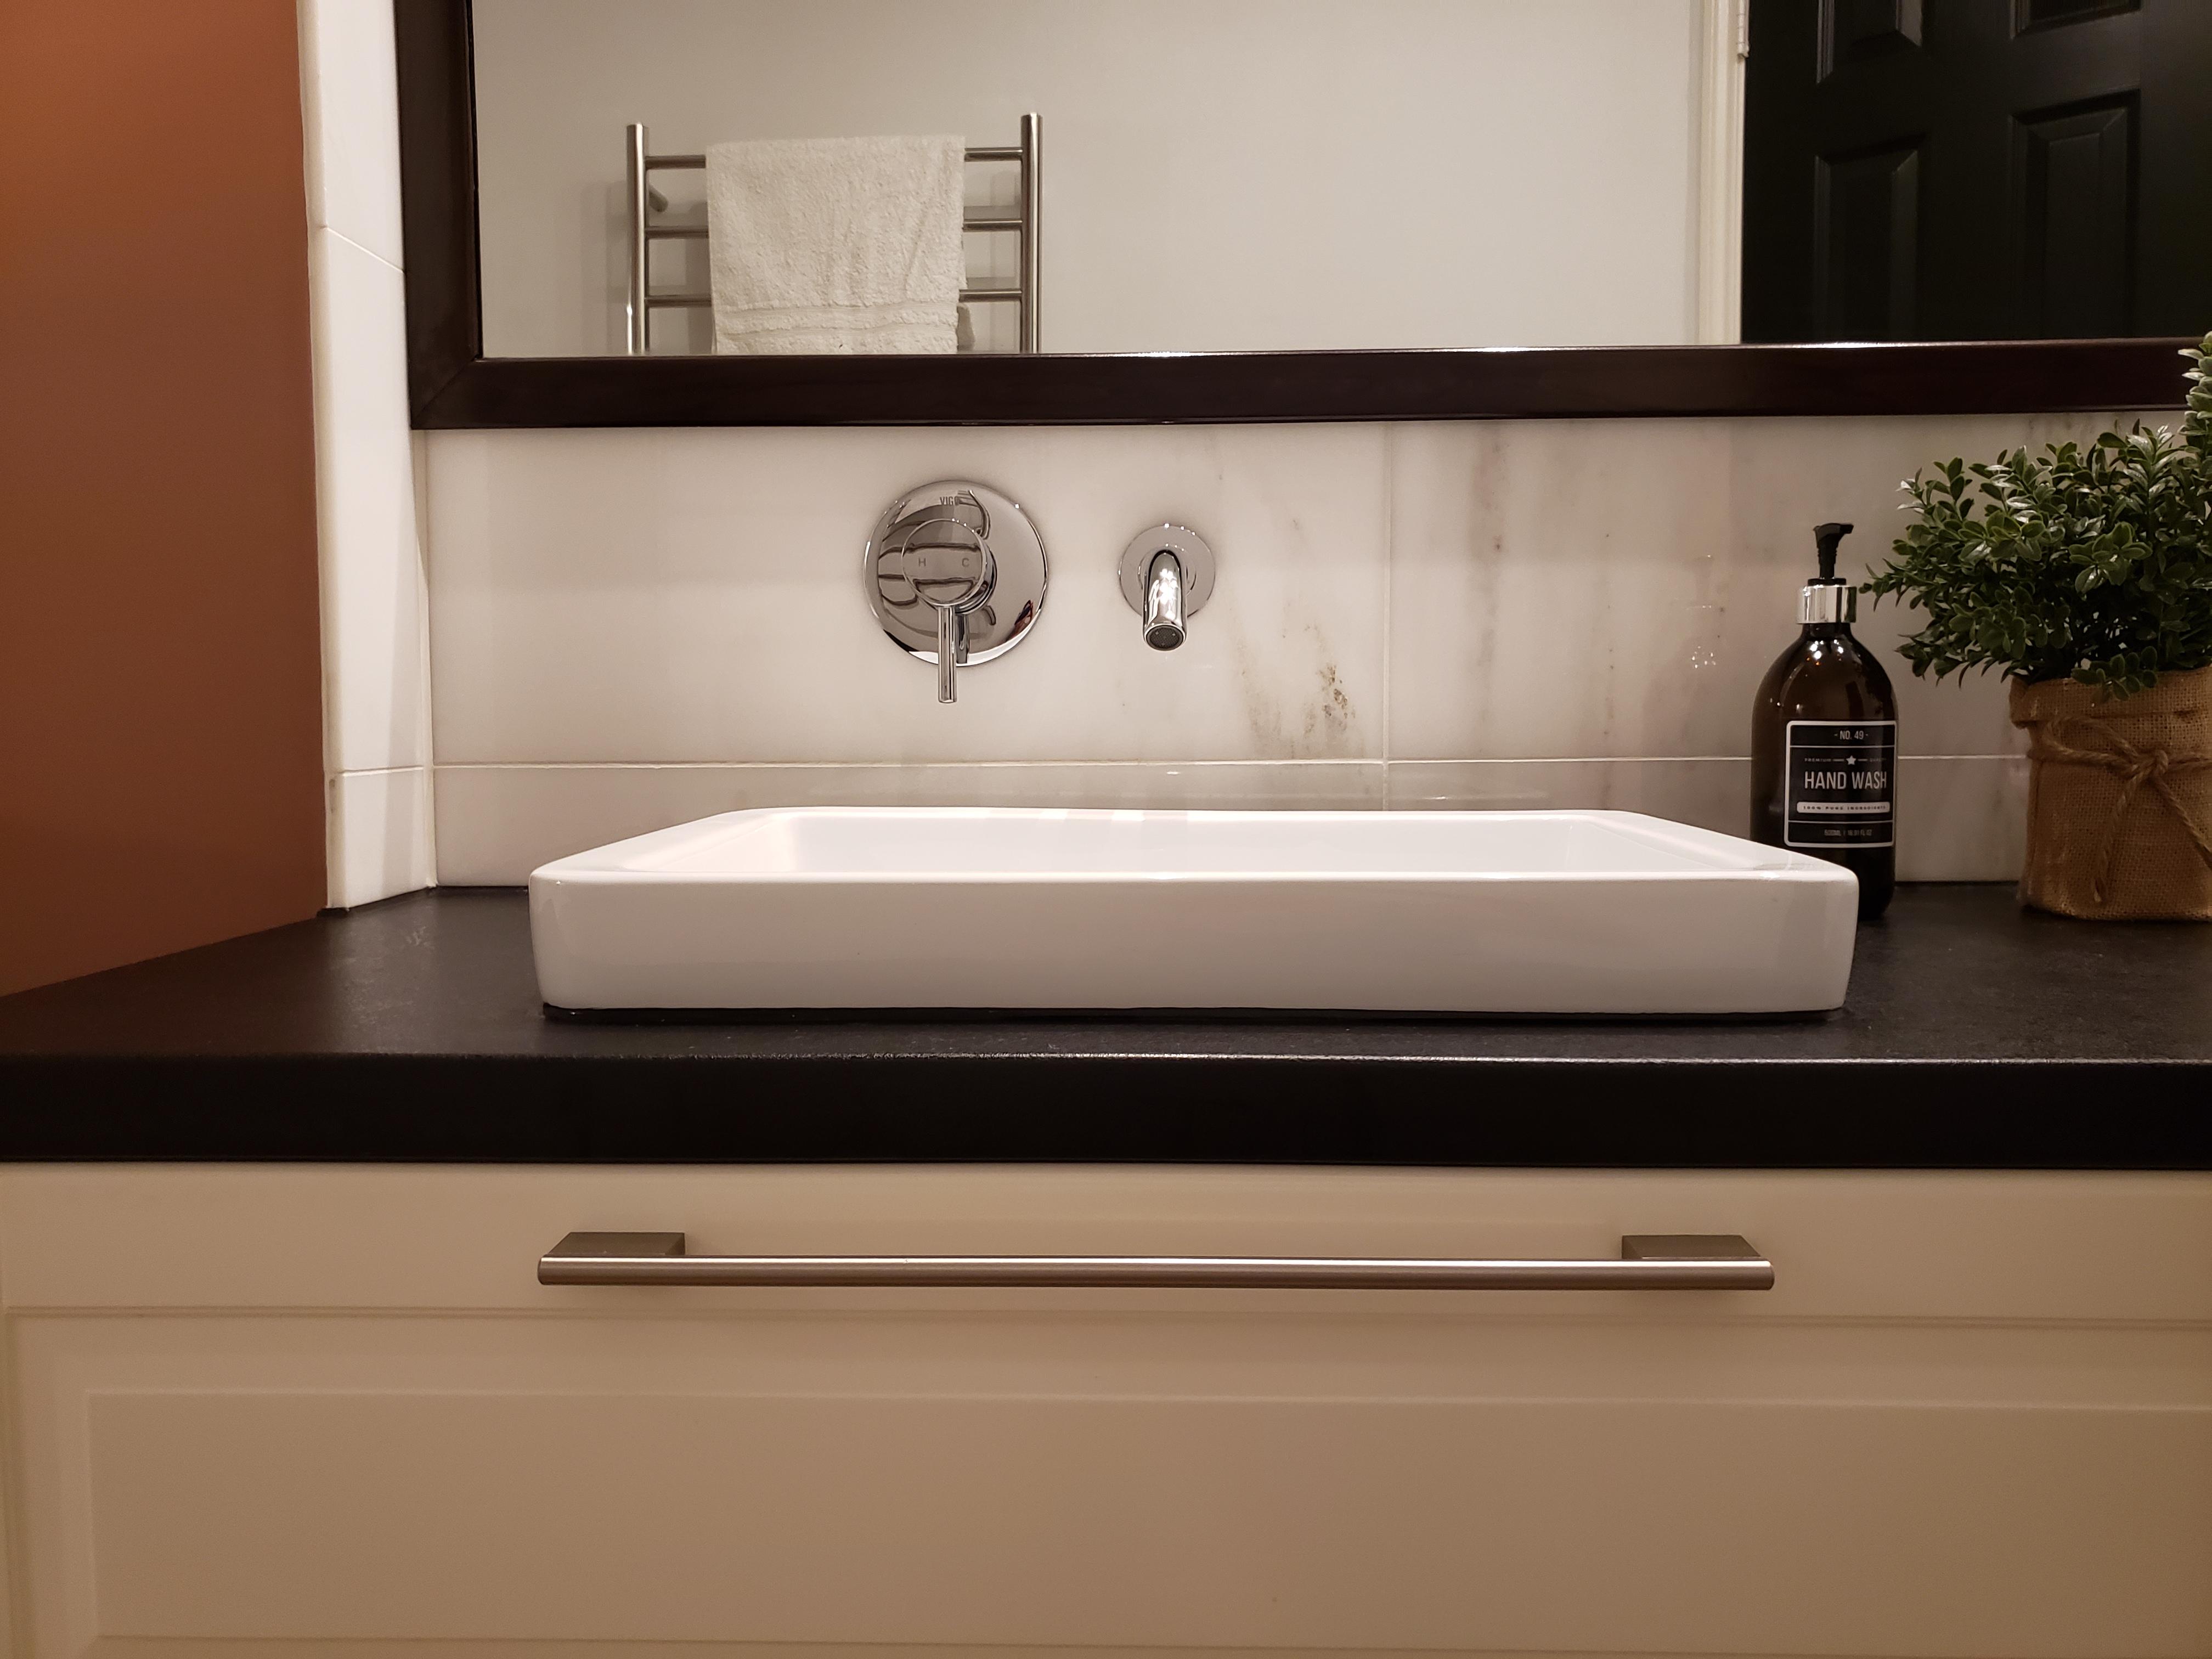 bath vinyl back splash, Katy, Texas